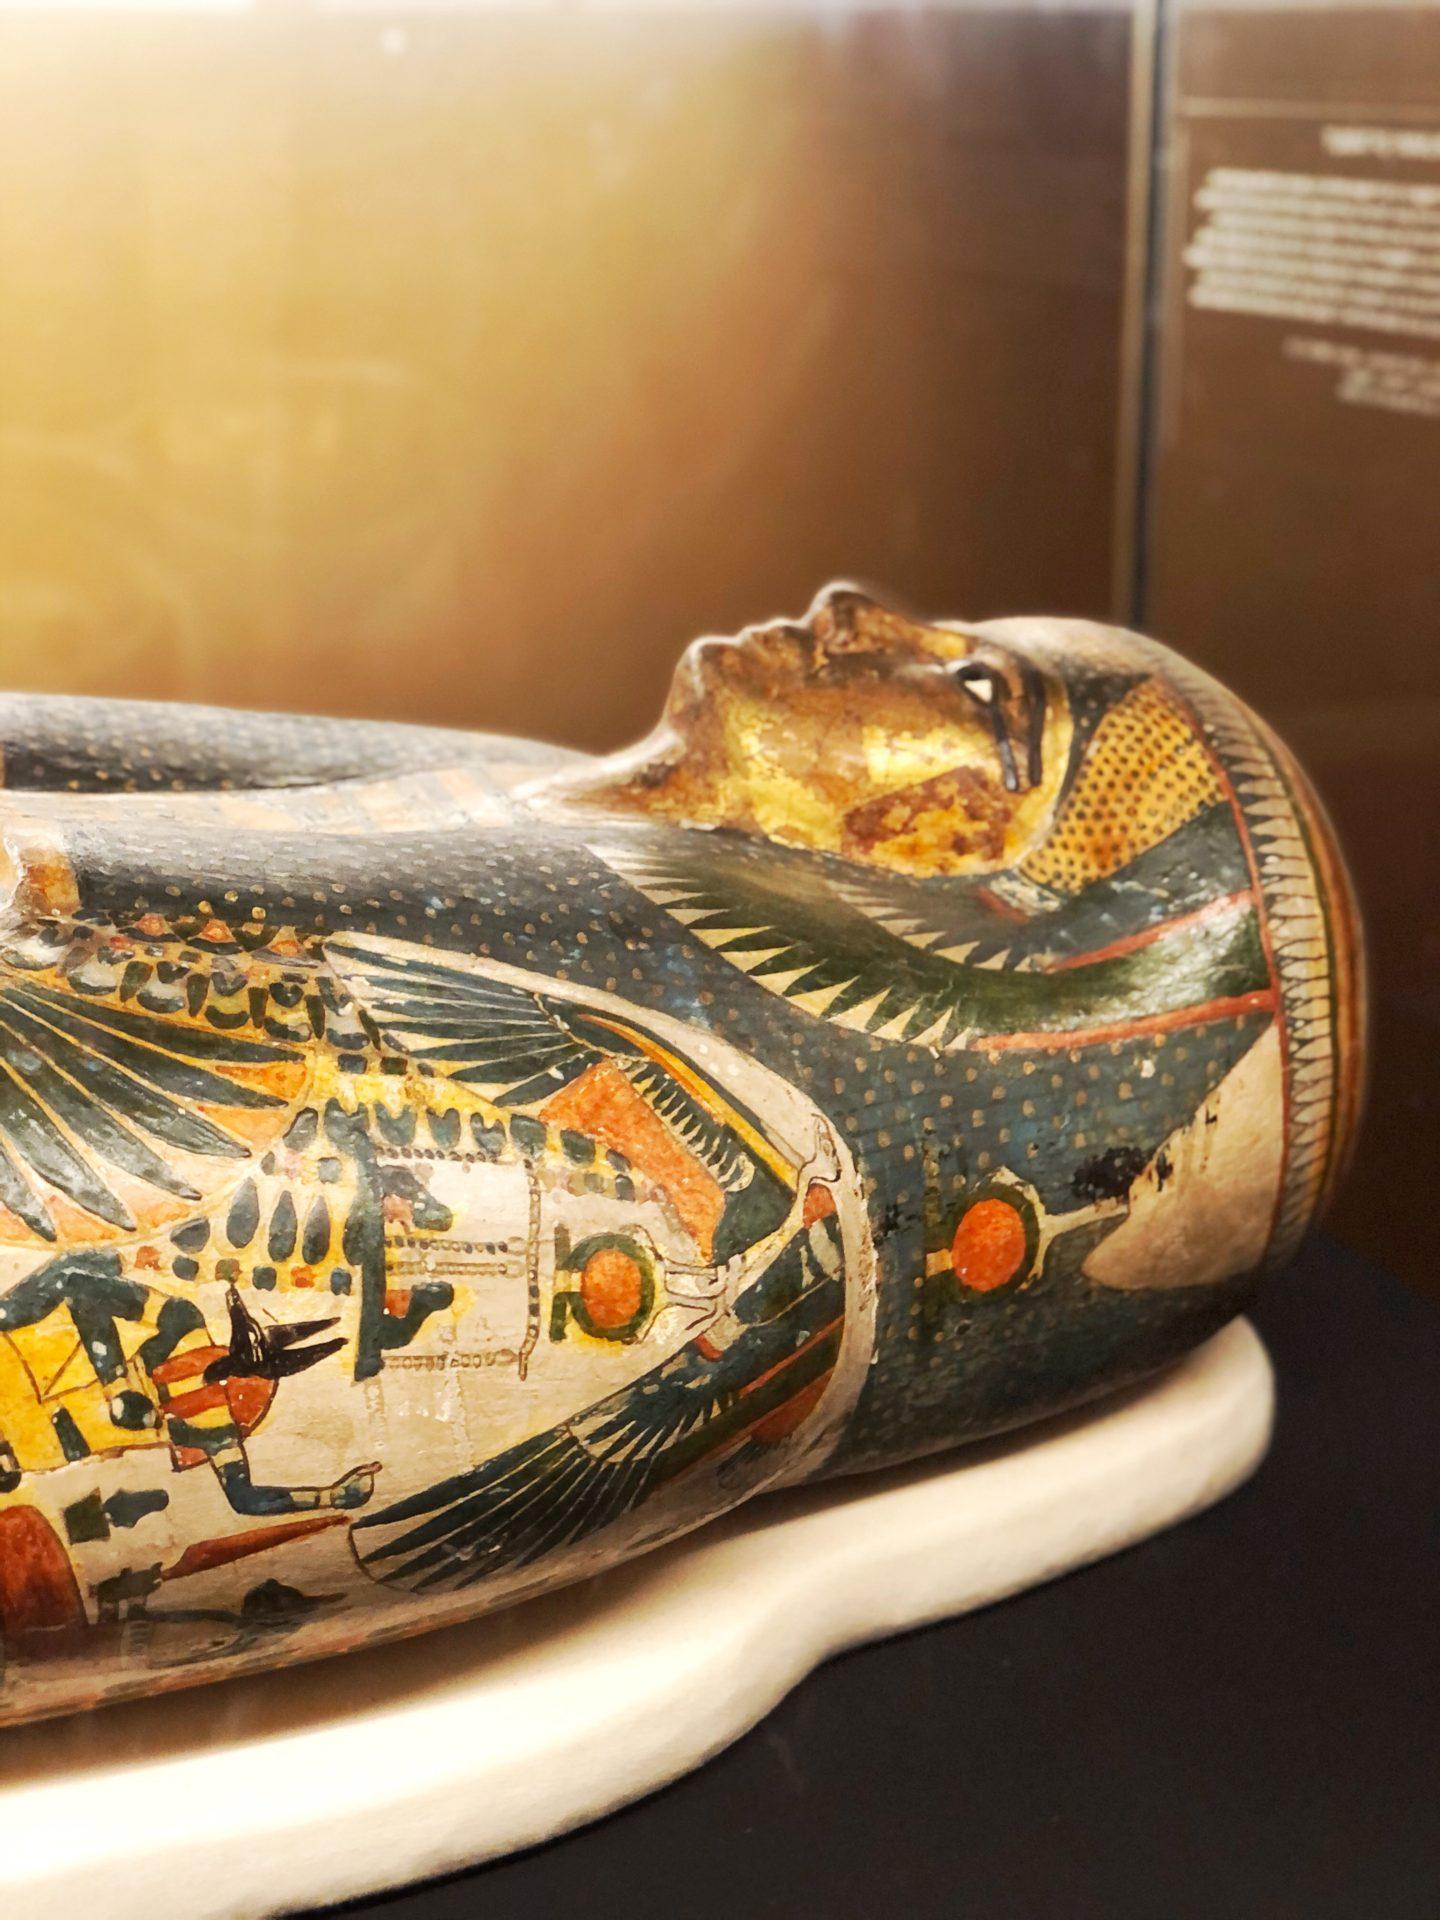 exposition momies musée des beaux arts montreal